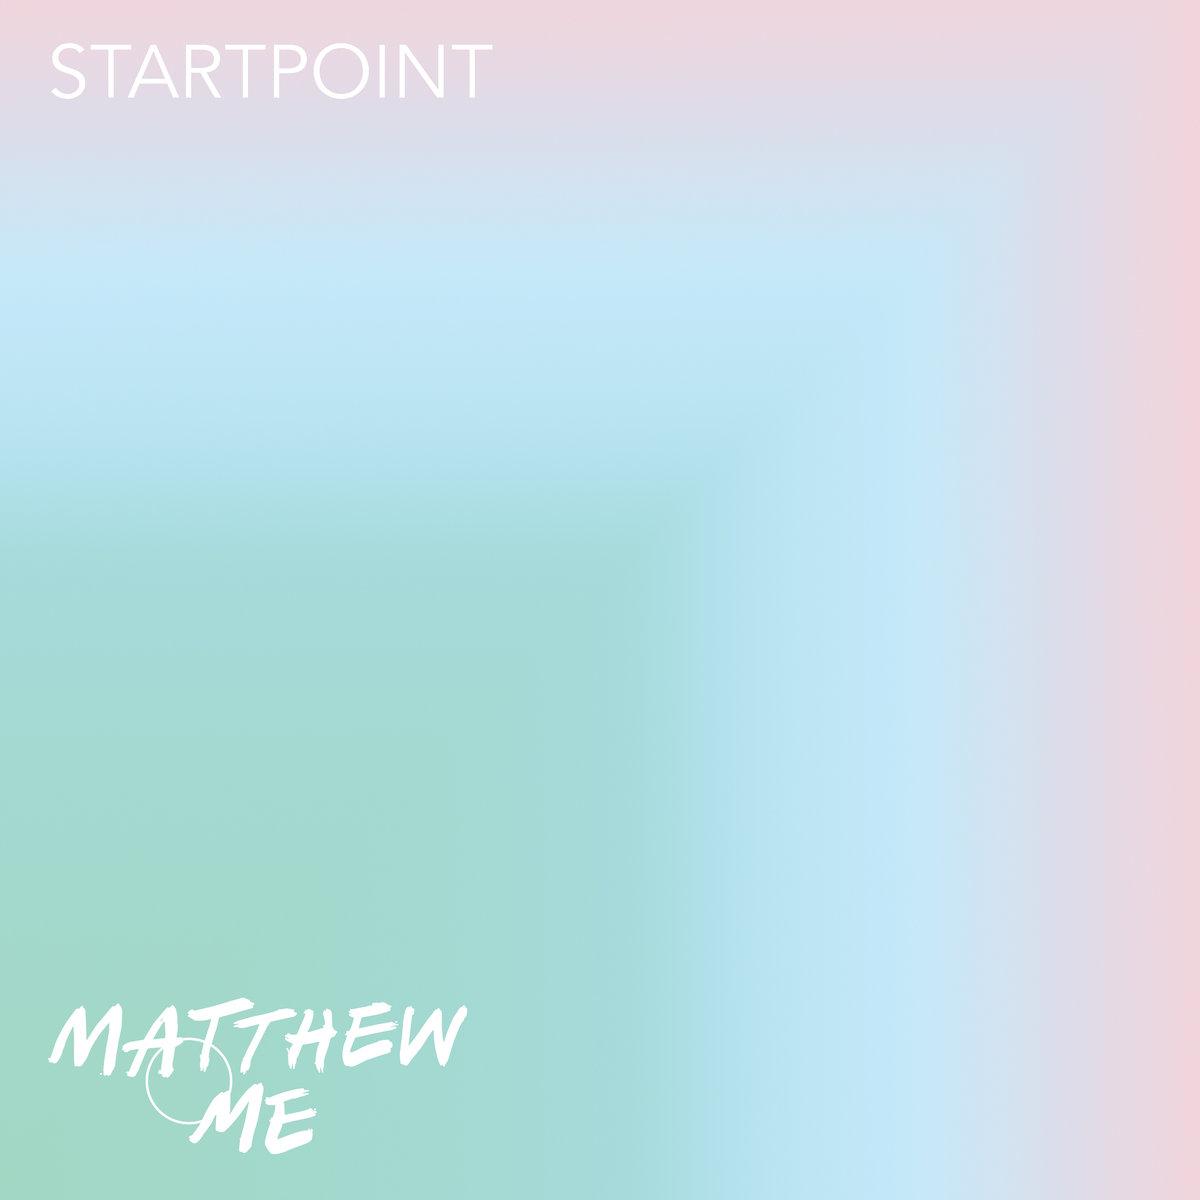 Start Point